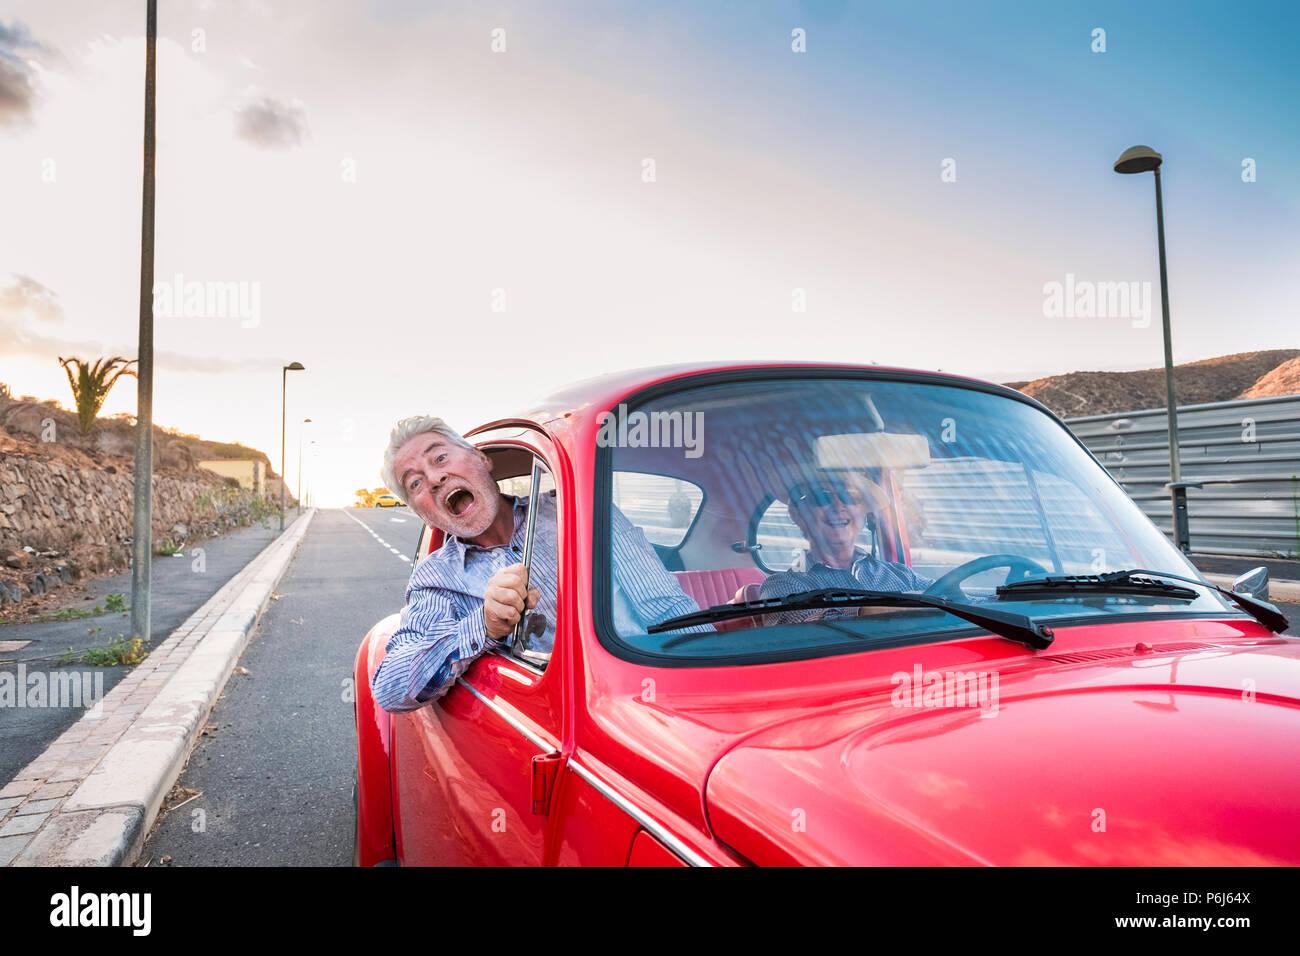 Schöne schöne ältere Erwachsene Paare, die zusammen reisen, während die Frau und der Mann fröhlich und erschrecken oder für Verrücktheit. Glück und Freude gemeinsam f Stockbild